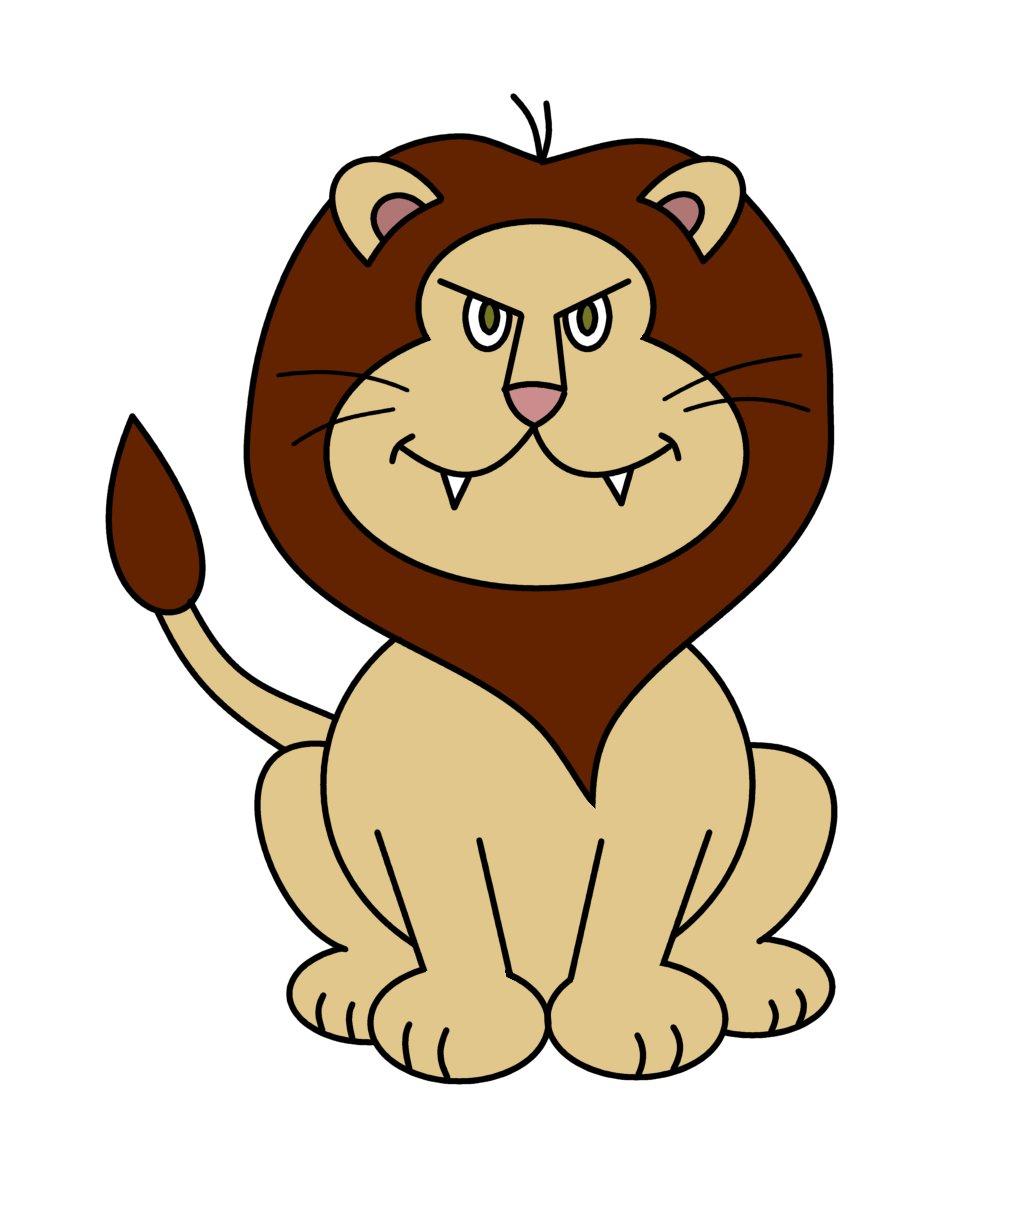 http://2.bp.blogspot.com/__GBb4kNtPC8/S7XC1HjuUaI/AAAAAAAAAyI/OhVeHJdk-iY/s1600/lion_10.jpg